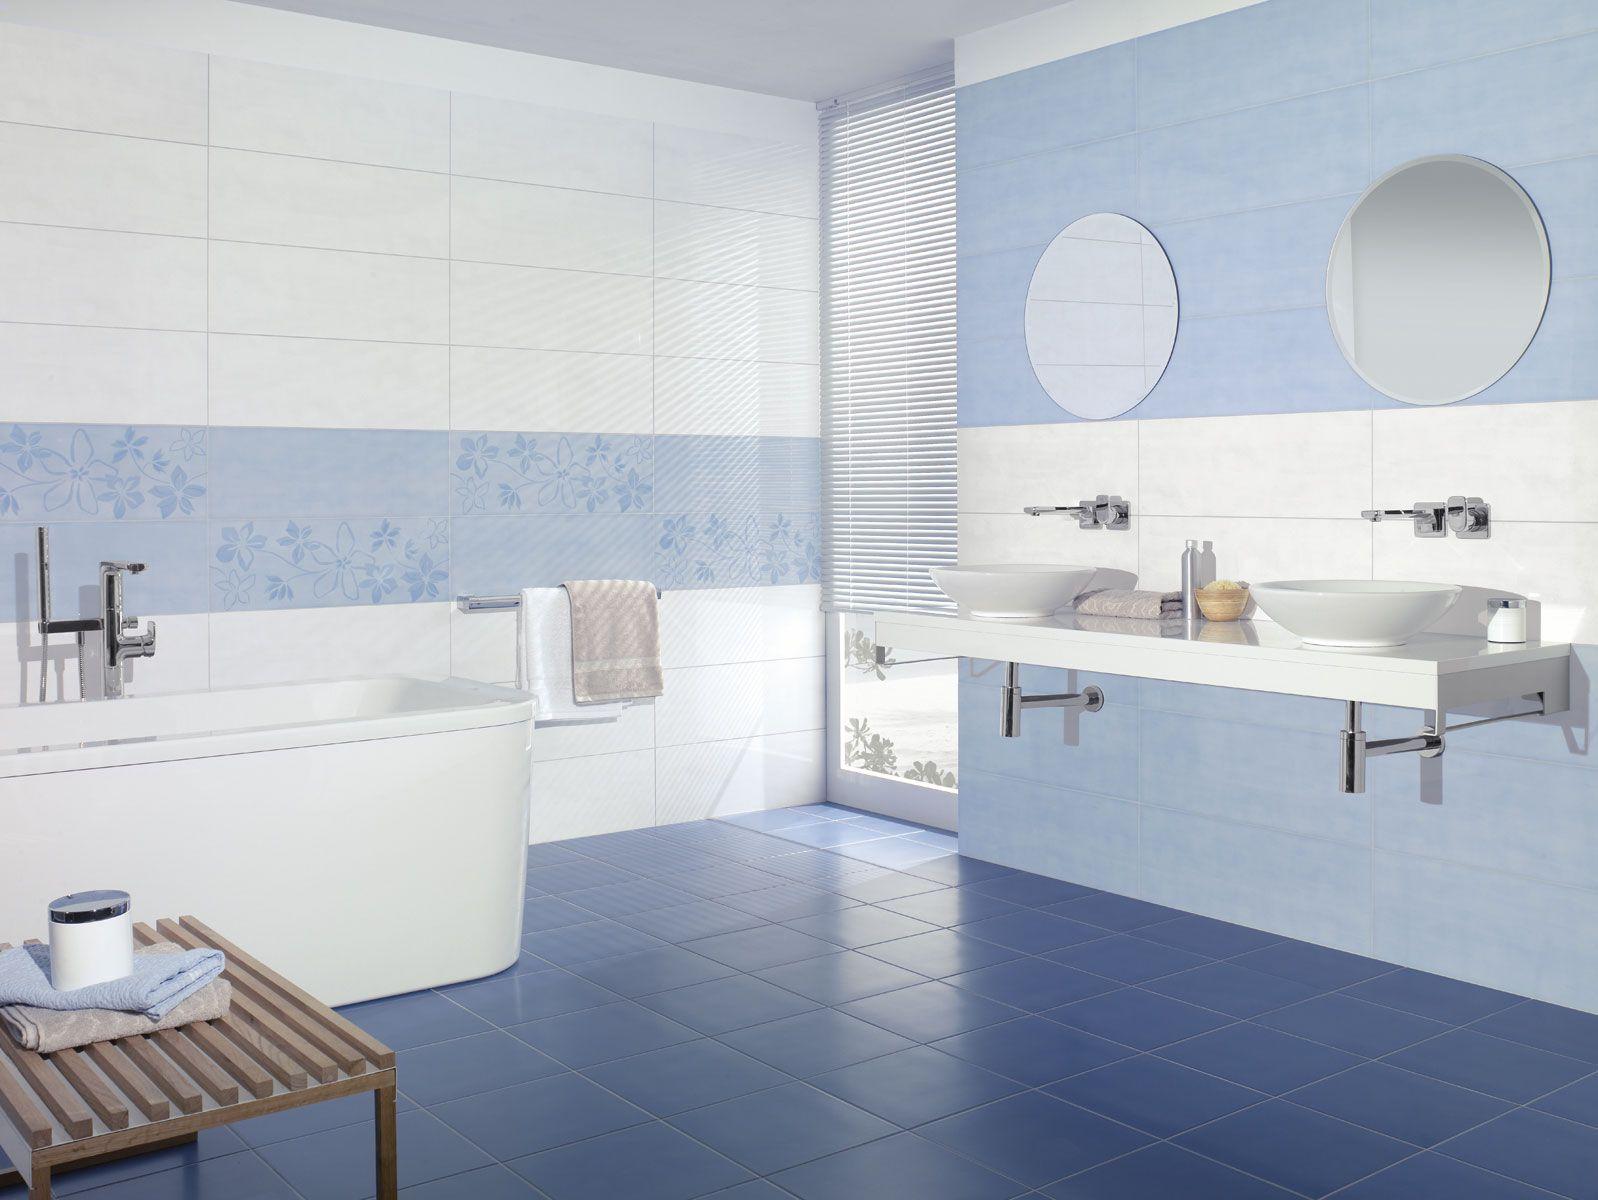 Carrelage mural salle de bains faïence Summer Love | Espace ...